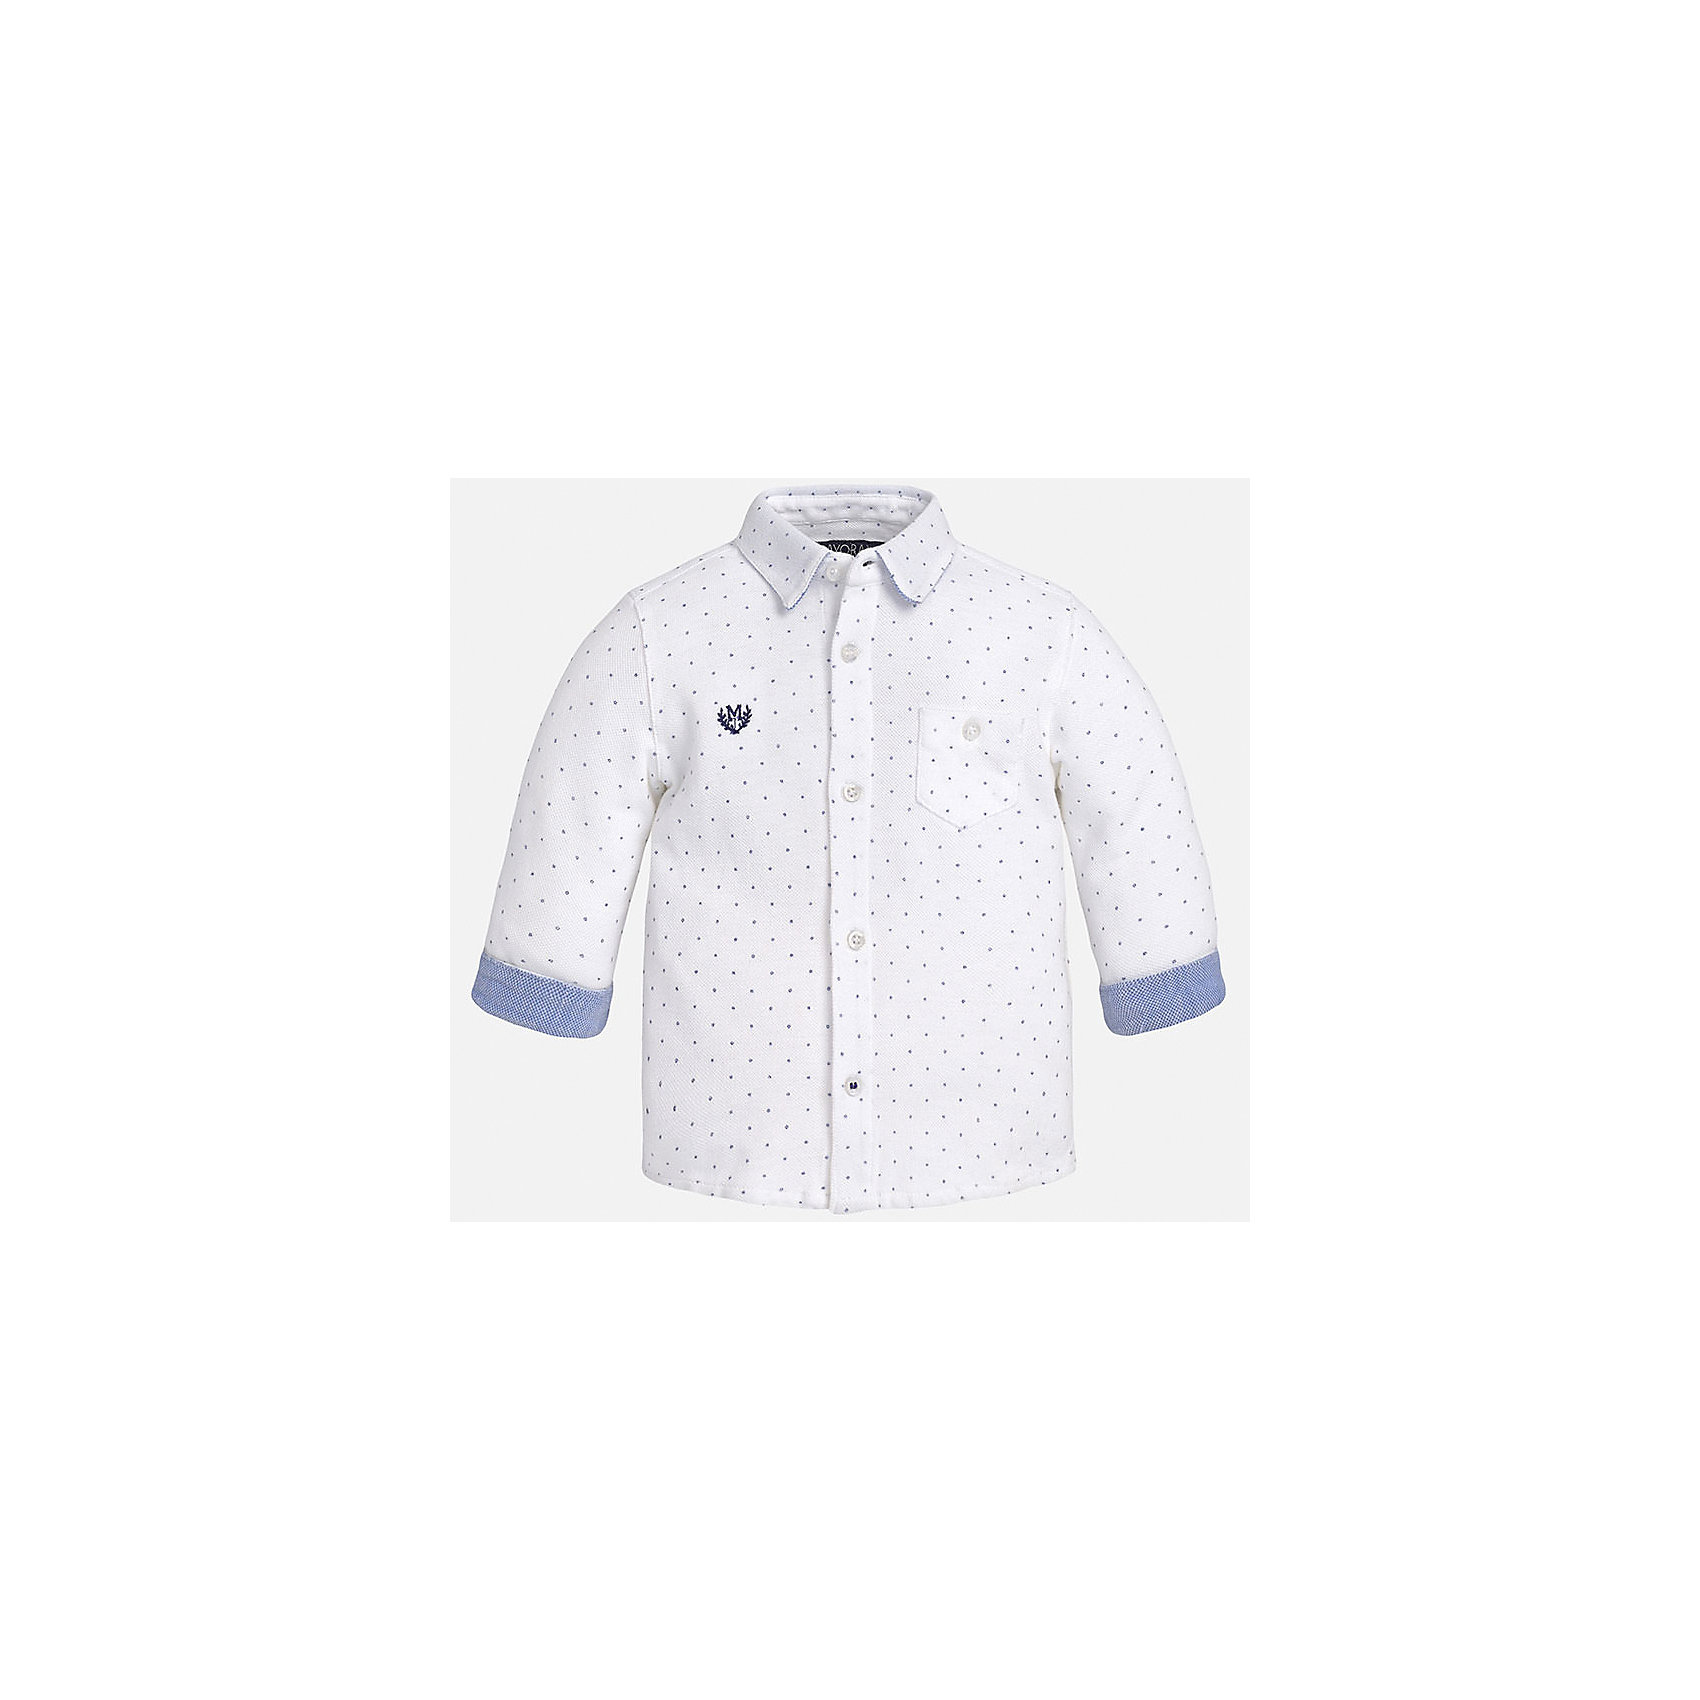 Рубашка для мальчика MayoralРубашка для мальчика от известного испанского бренда Mayoral. Рубашка изготовлена из 100% хлопка с простым узором в горошек. Застегивается на пуговицы, на груди есть карман и эмблема фирмы. Прекрасно подойдет и для важных мероприятий, и на каждый день!<br>Дополнительная информация:<br>-прямой силуэт<br>-слегка укороченные рукава<br>-карман и эмблема фирмы на груди<br>-застегивается на пуговицы<br>-цвет: белый<br>-состав: 100% хлопок<br>Рубашку Mayoral можно приобрести в нашем интернет-магазине.<br><br>Ширина мм: 174<br>Глубина мм: 10<br>Высота мм: 169<br>Вес г: 157<br>Цвет: белый<br>Возраст от месяцев: 12<br>Возраст до месяцев: 15<br>Пол: Мужской<br>Возраст: Детский<br>Размер: 80,74,92,86<br>SKU: 4820575